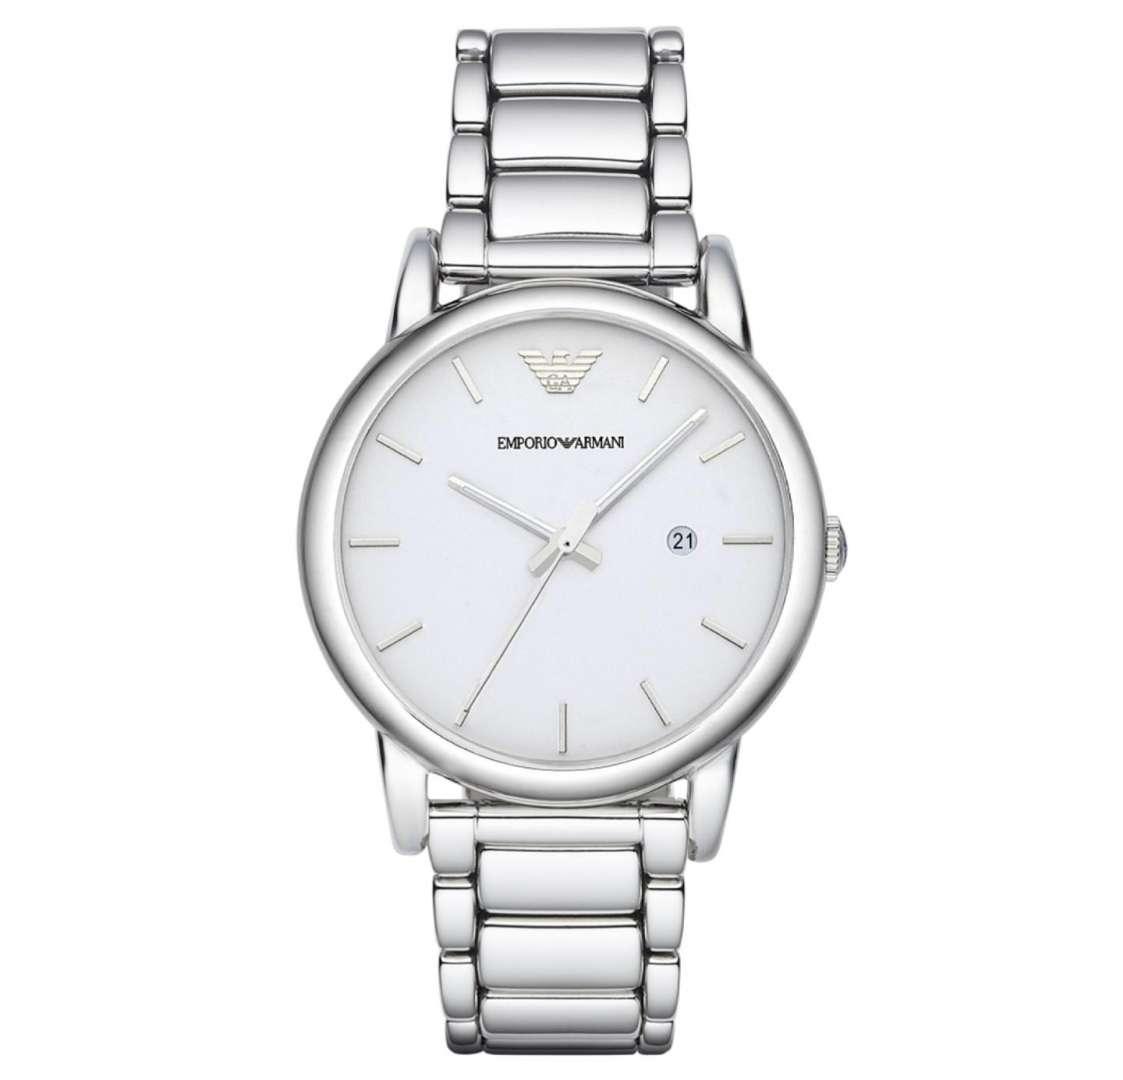 שעון יד אנלוגי לגבר emporio armani ar1854 אמפוריו ארמני